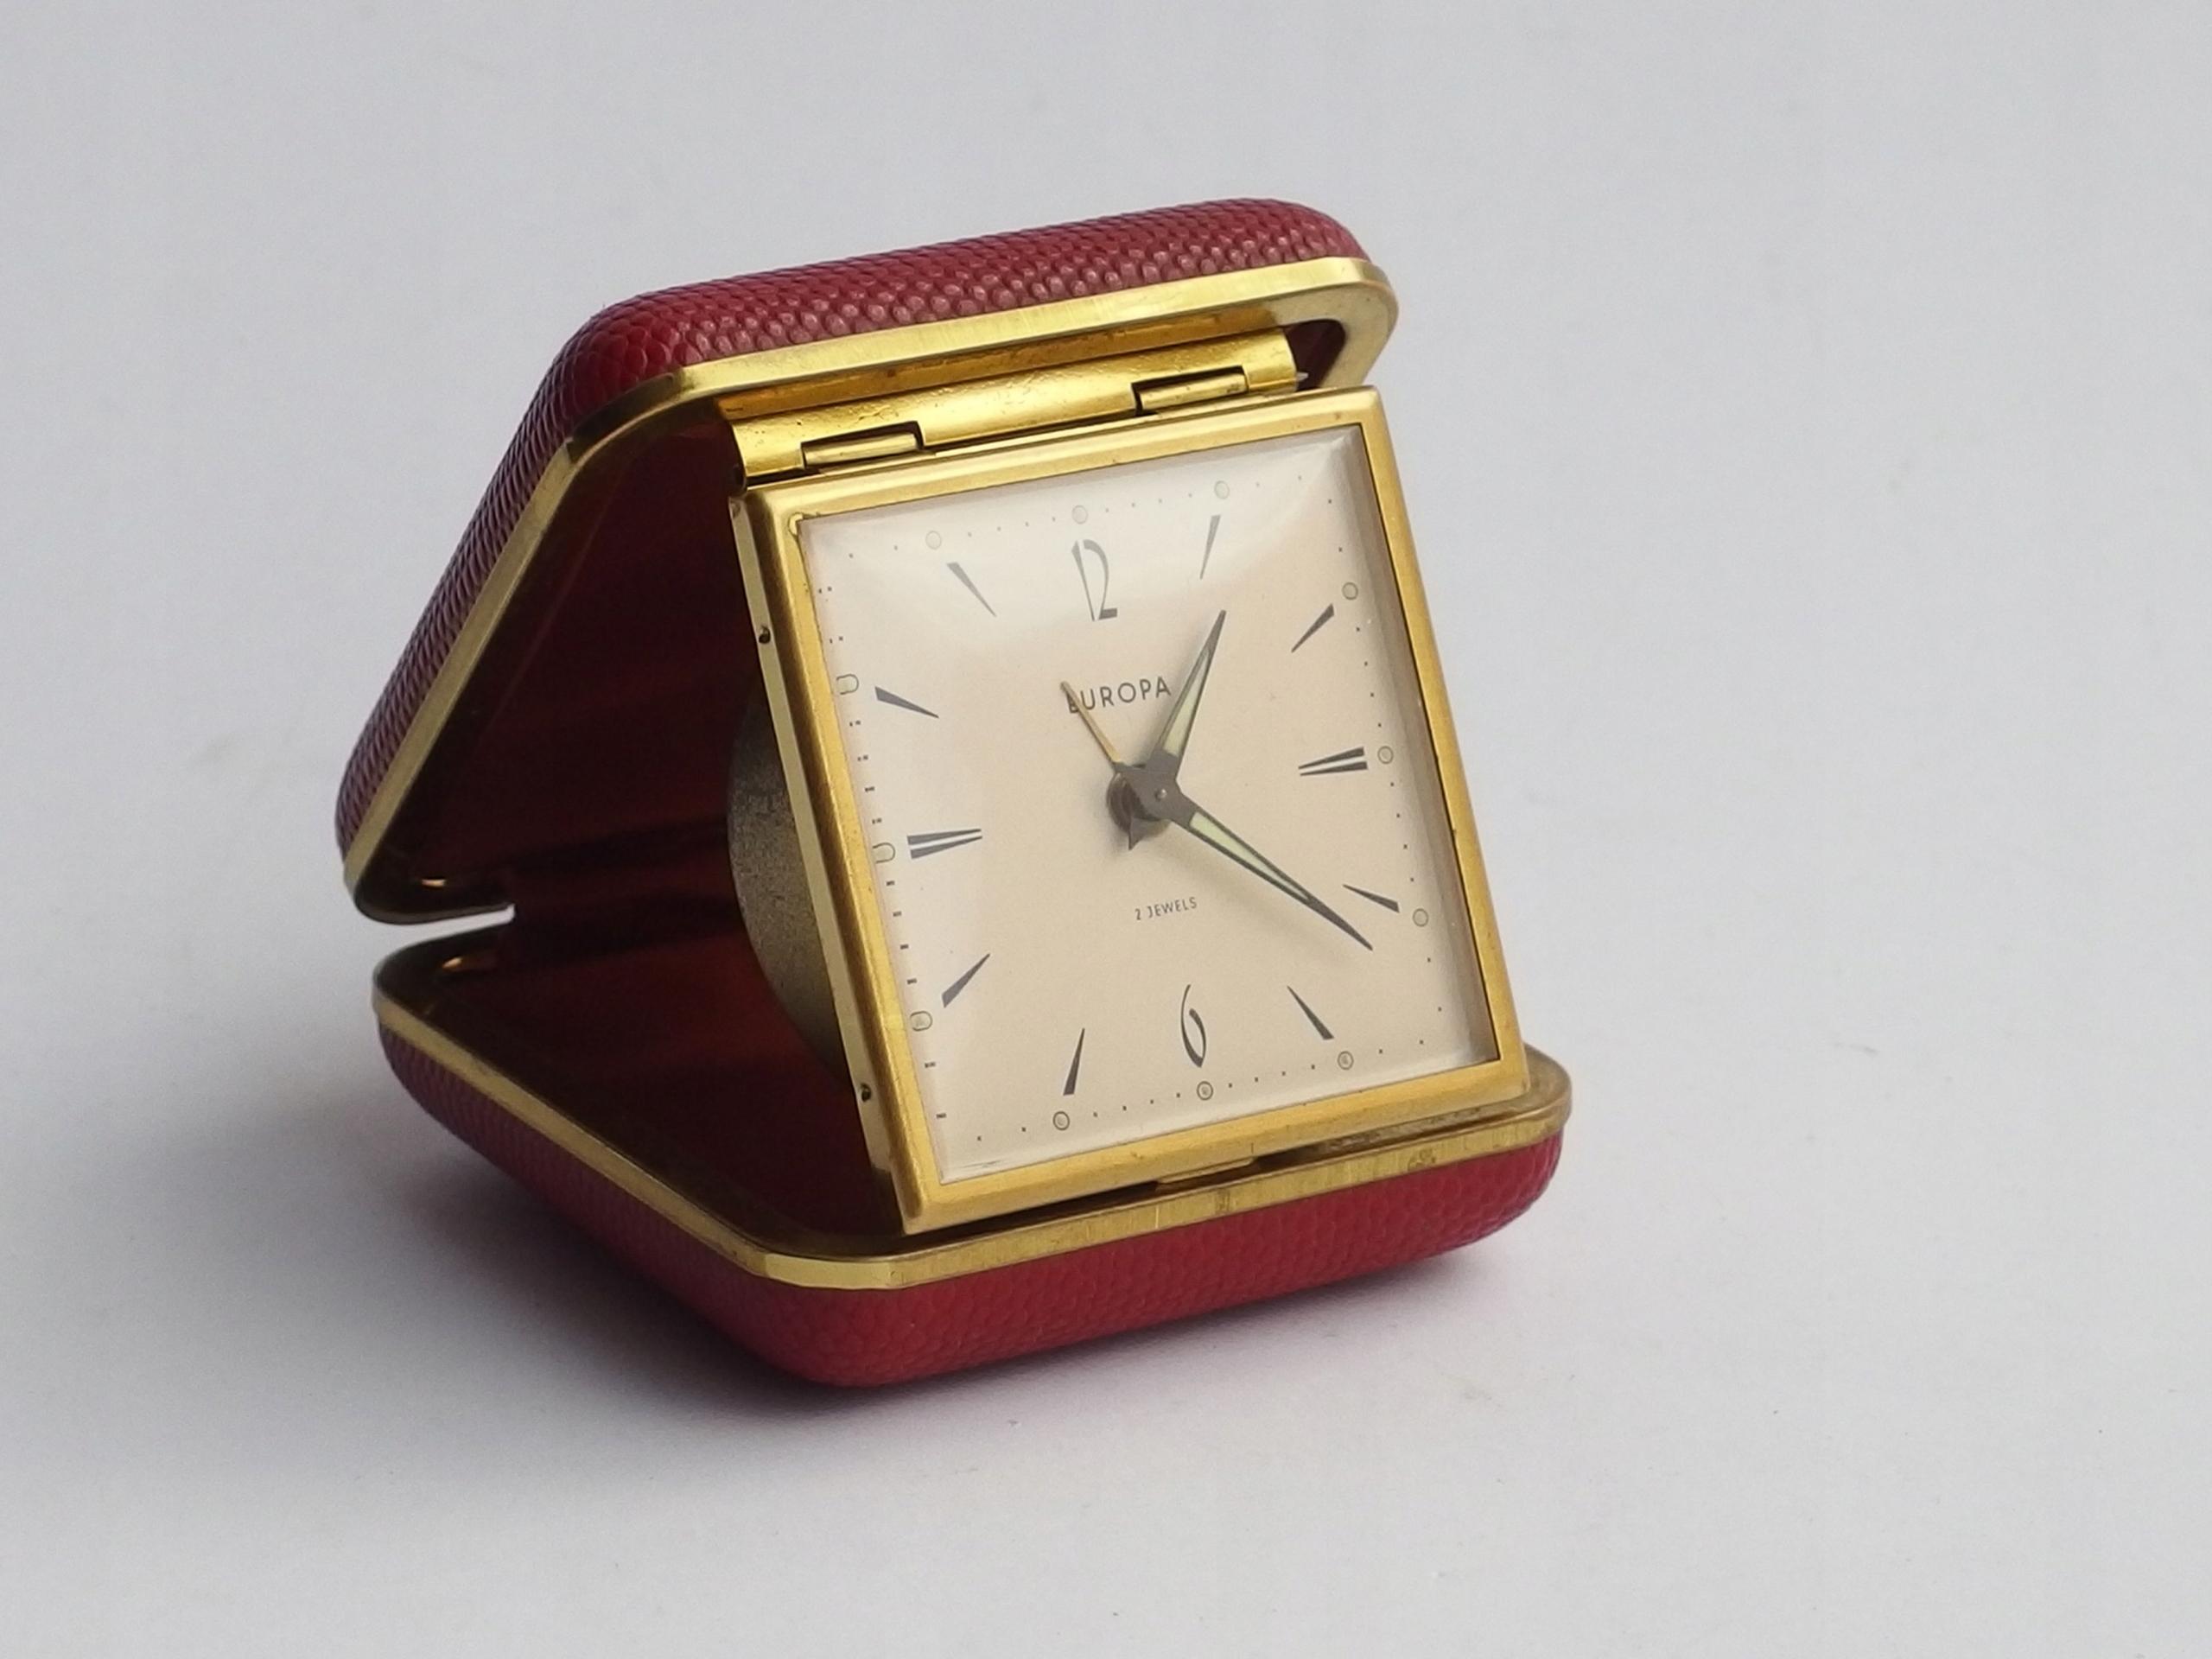 Sprawny Zegar Budzik Podróżny Europa 2 Jewels